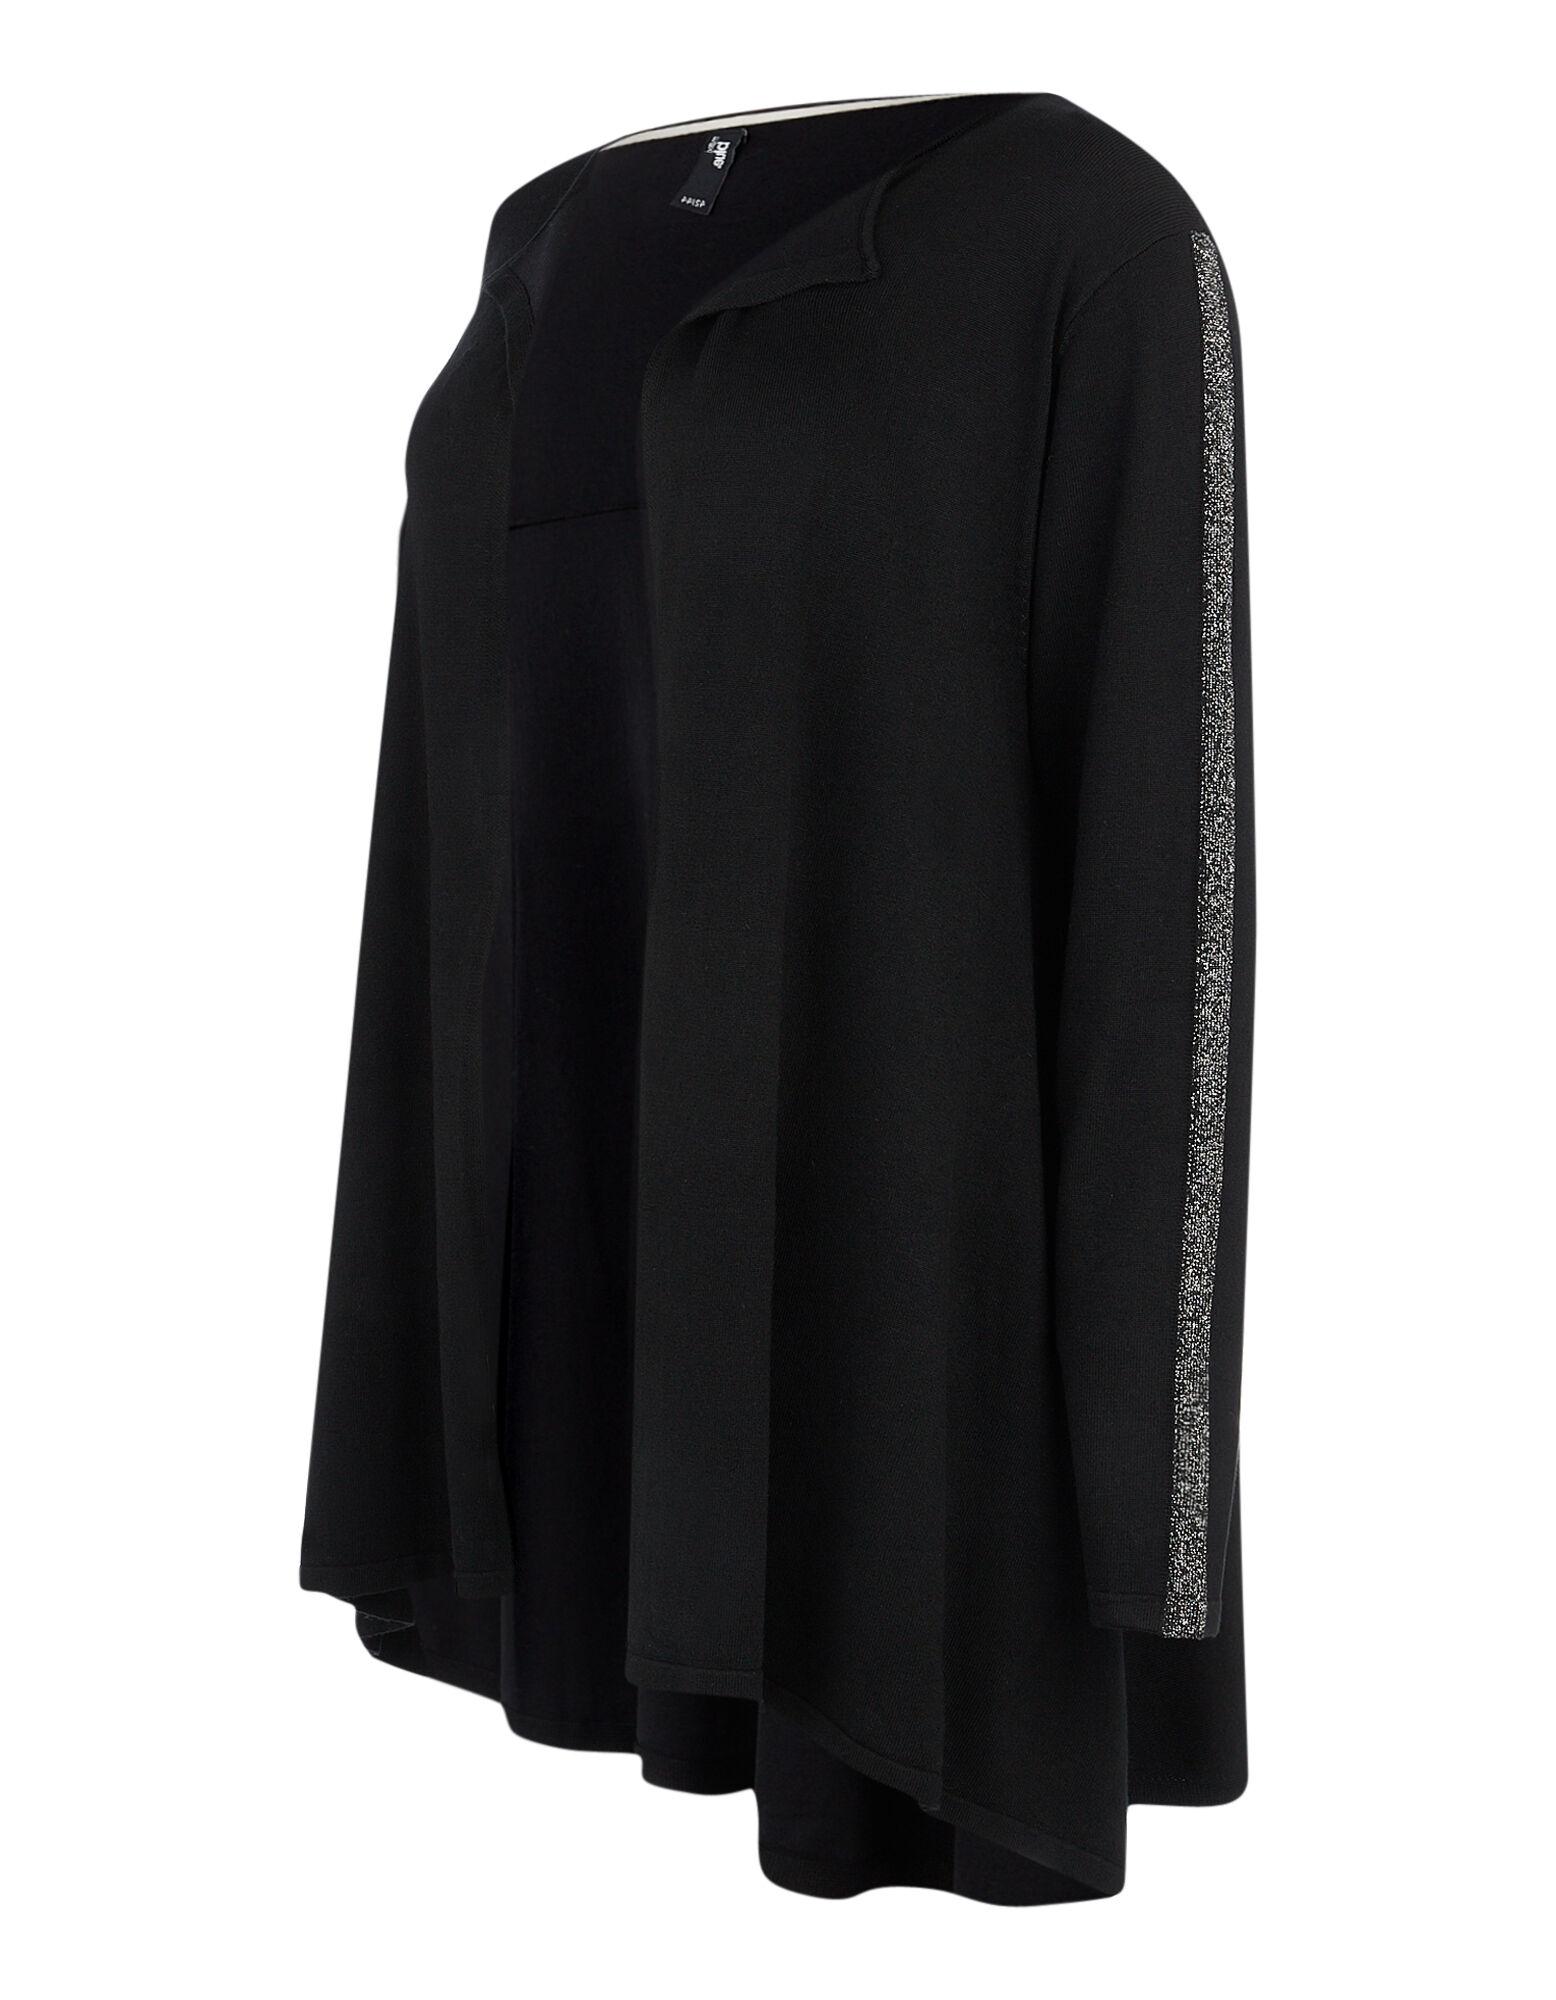 Damen Pullover in großen Größen kaufen✓ Takko Fashion